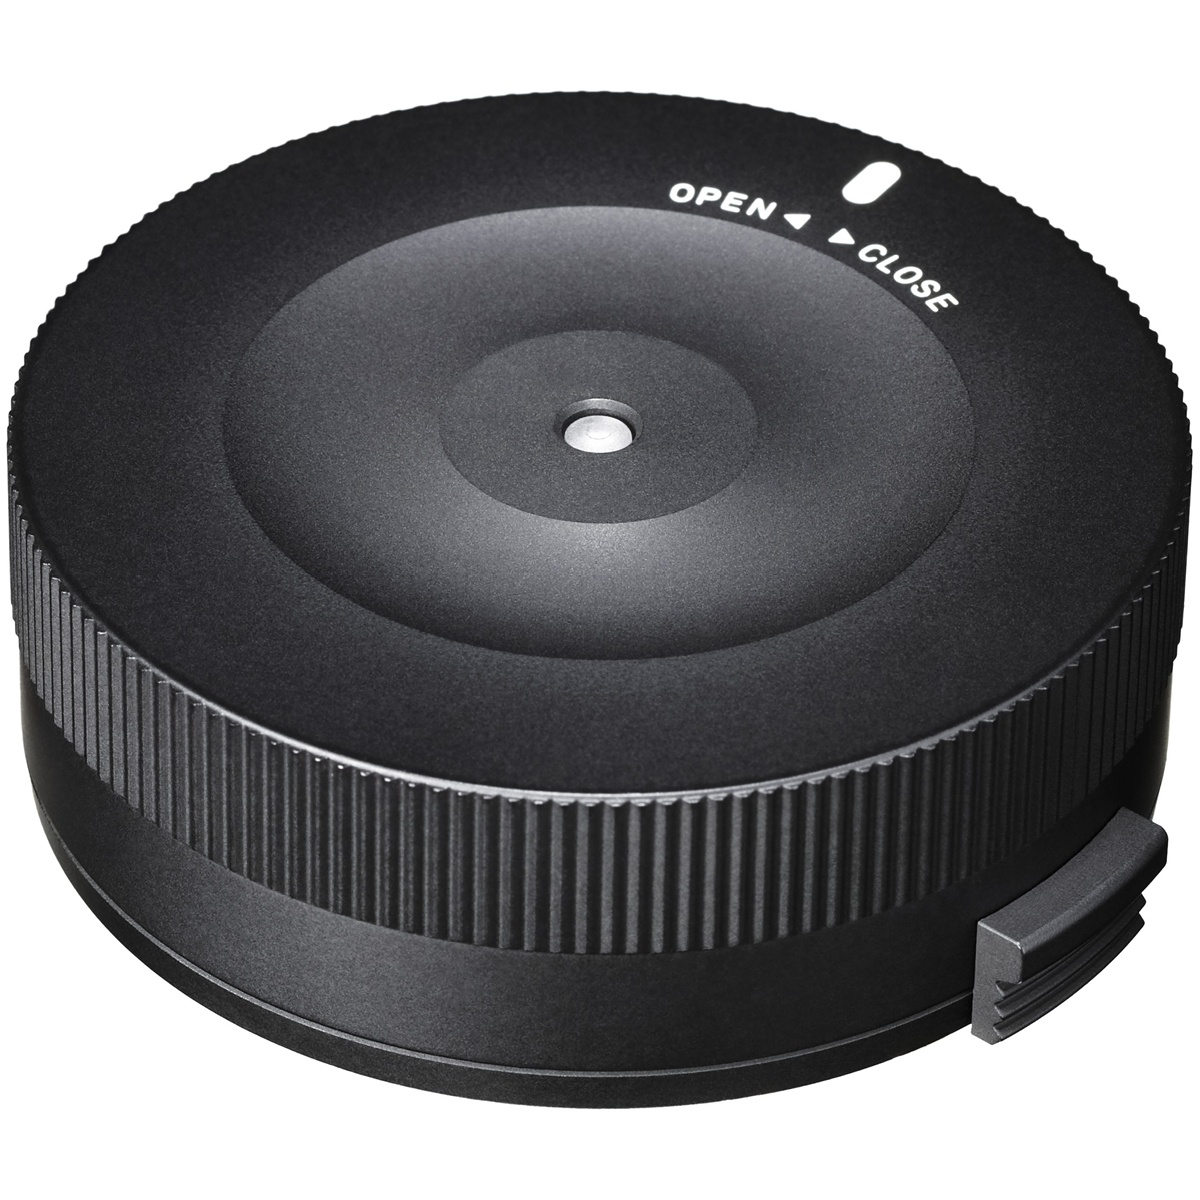 Sigma USB Dock für Nikon